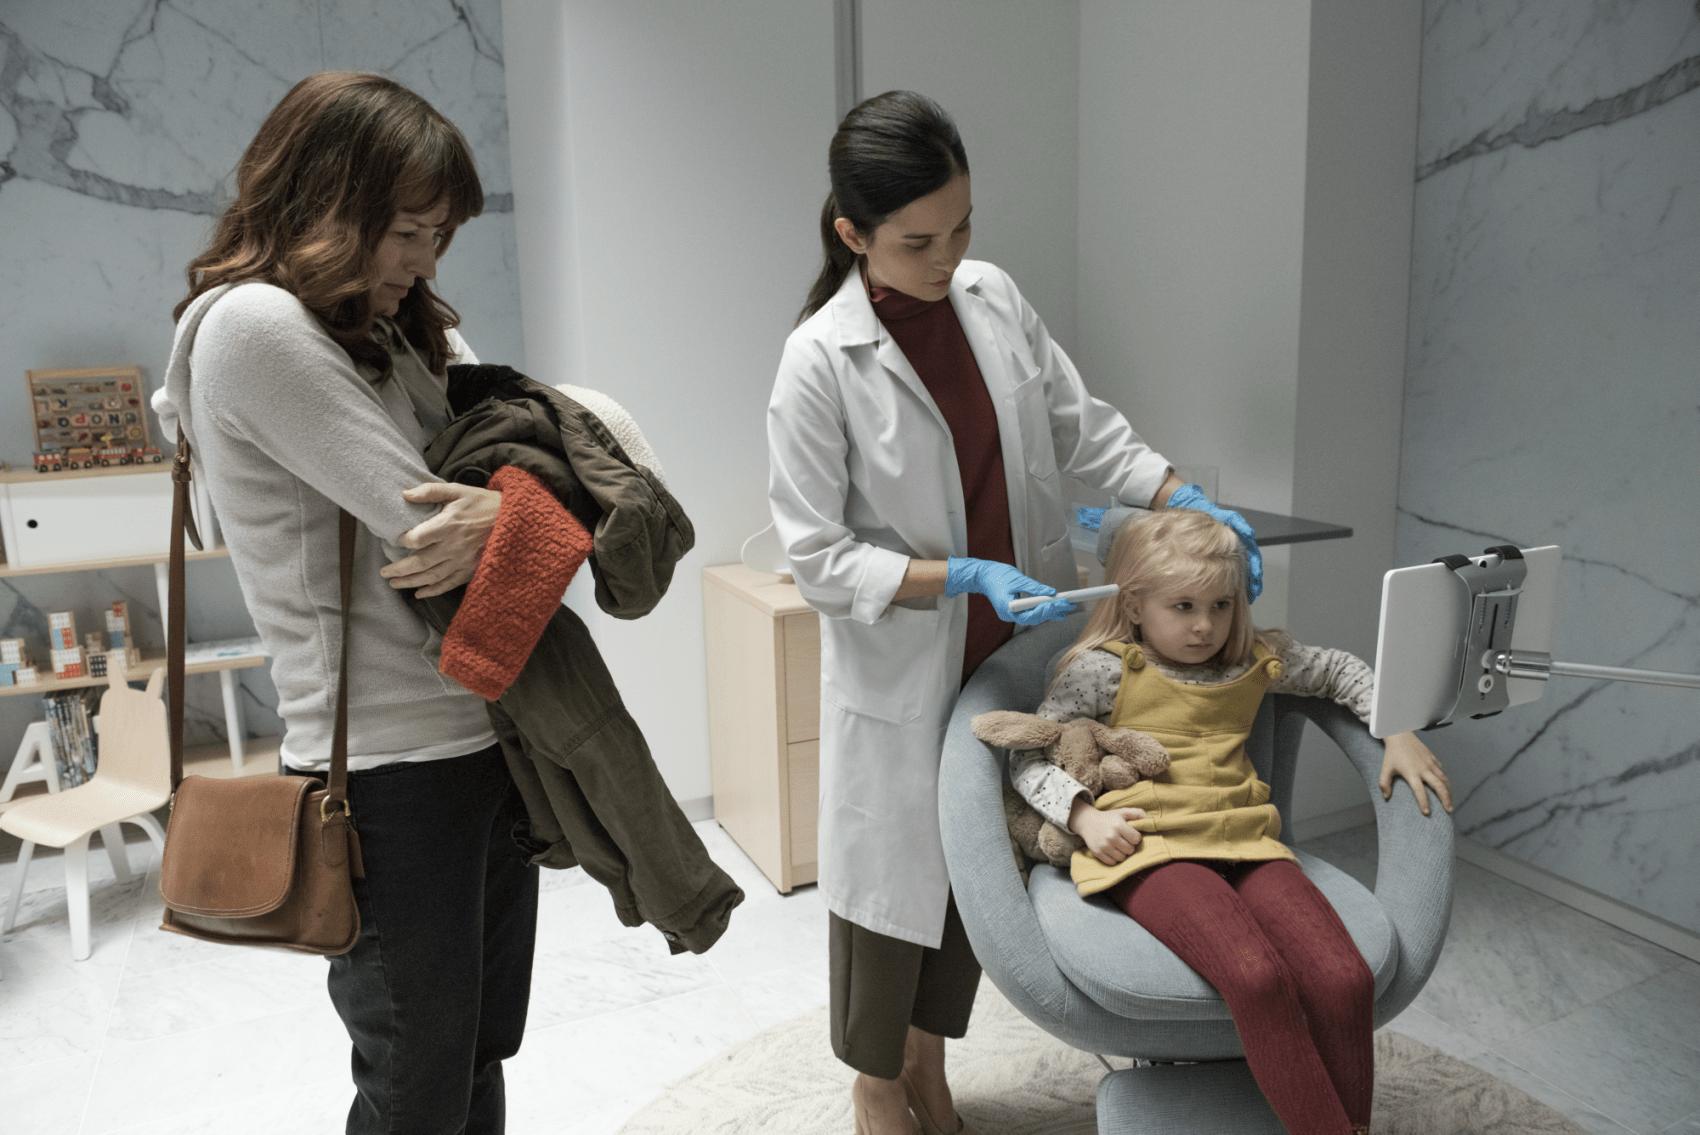 """A scene from """"Black Mirror,"""" Season 4's """"Arkangel."""" (Courtesy Netflix)"""